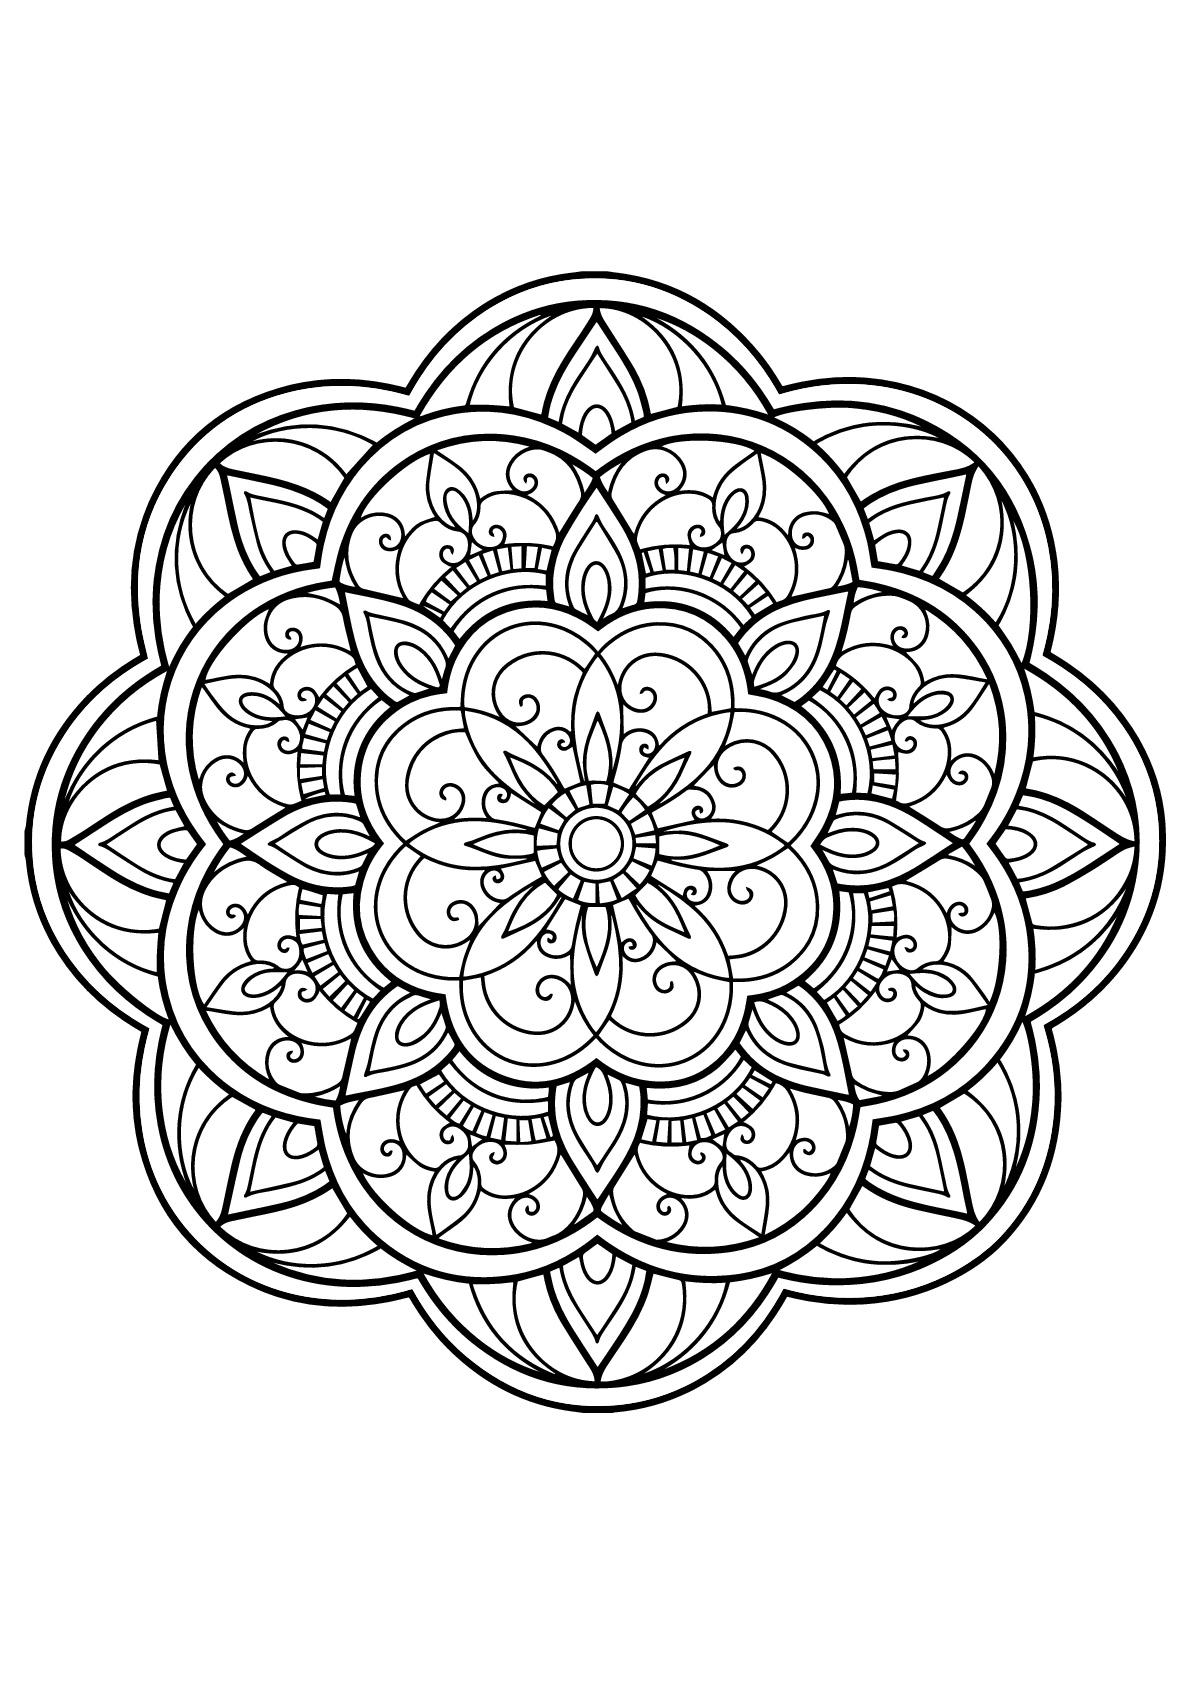 Mandala complexe livre gratuit 14 - Coloriage Mandalas - Coloriages pour enfants